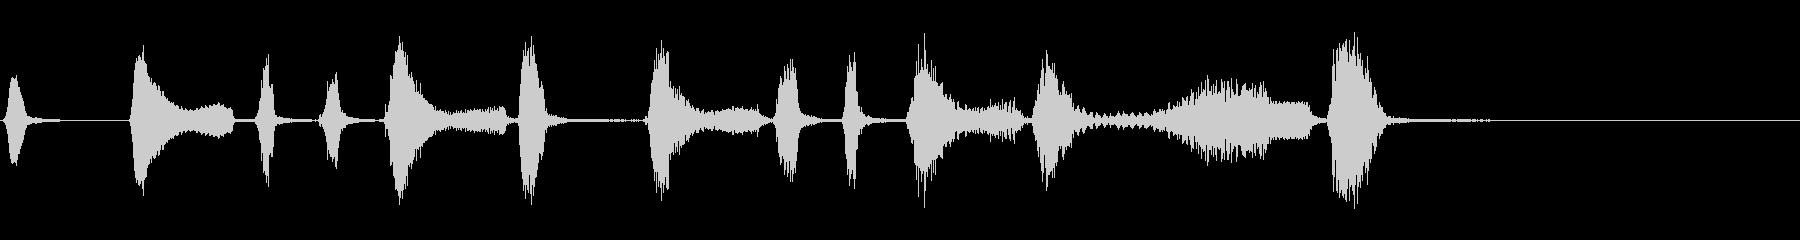 アコーデオン:短い下降アクセント、...の未再生の波形